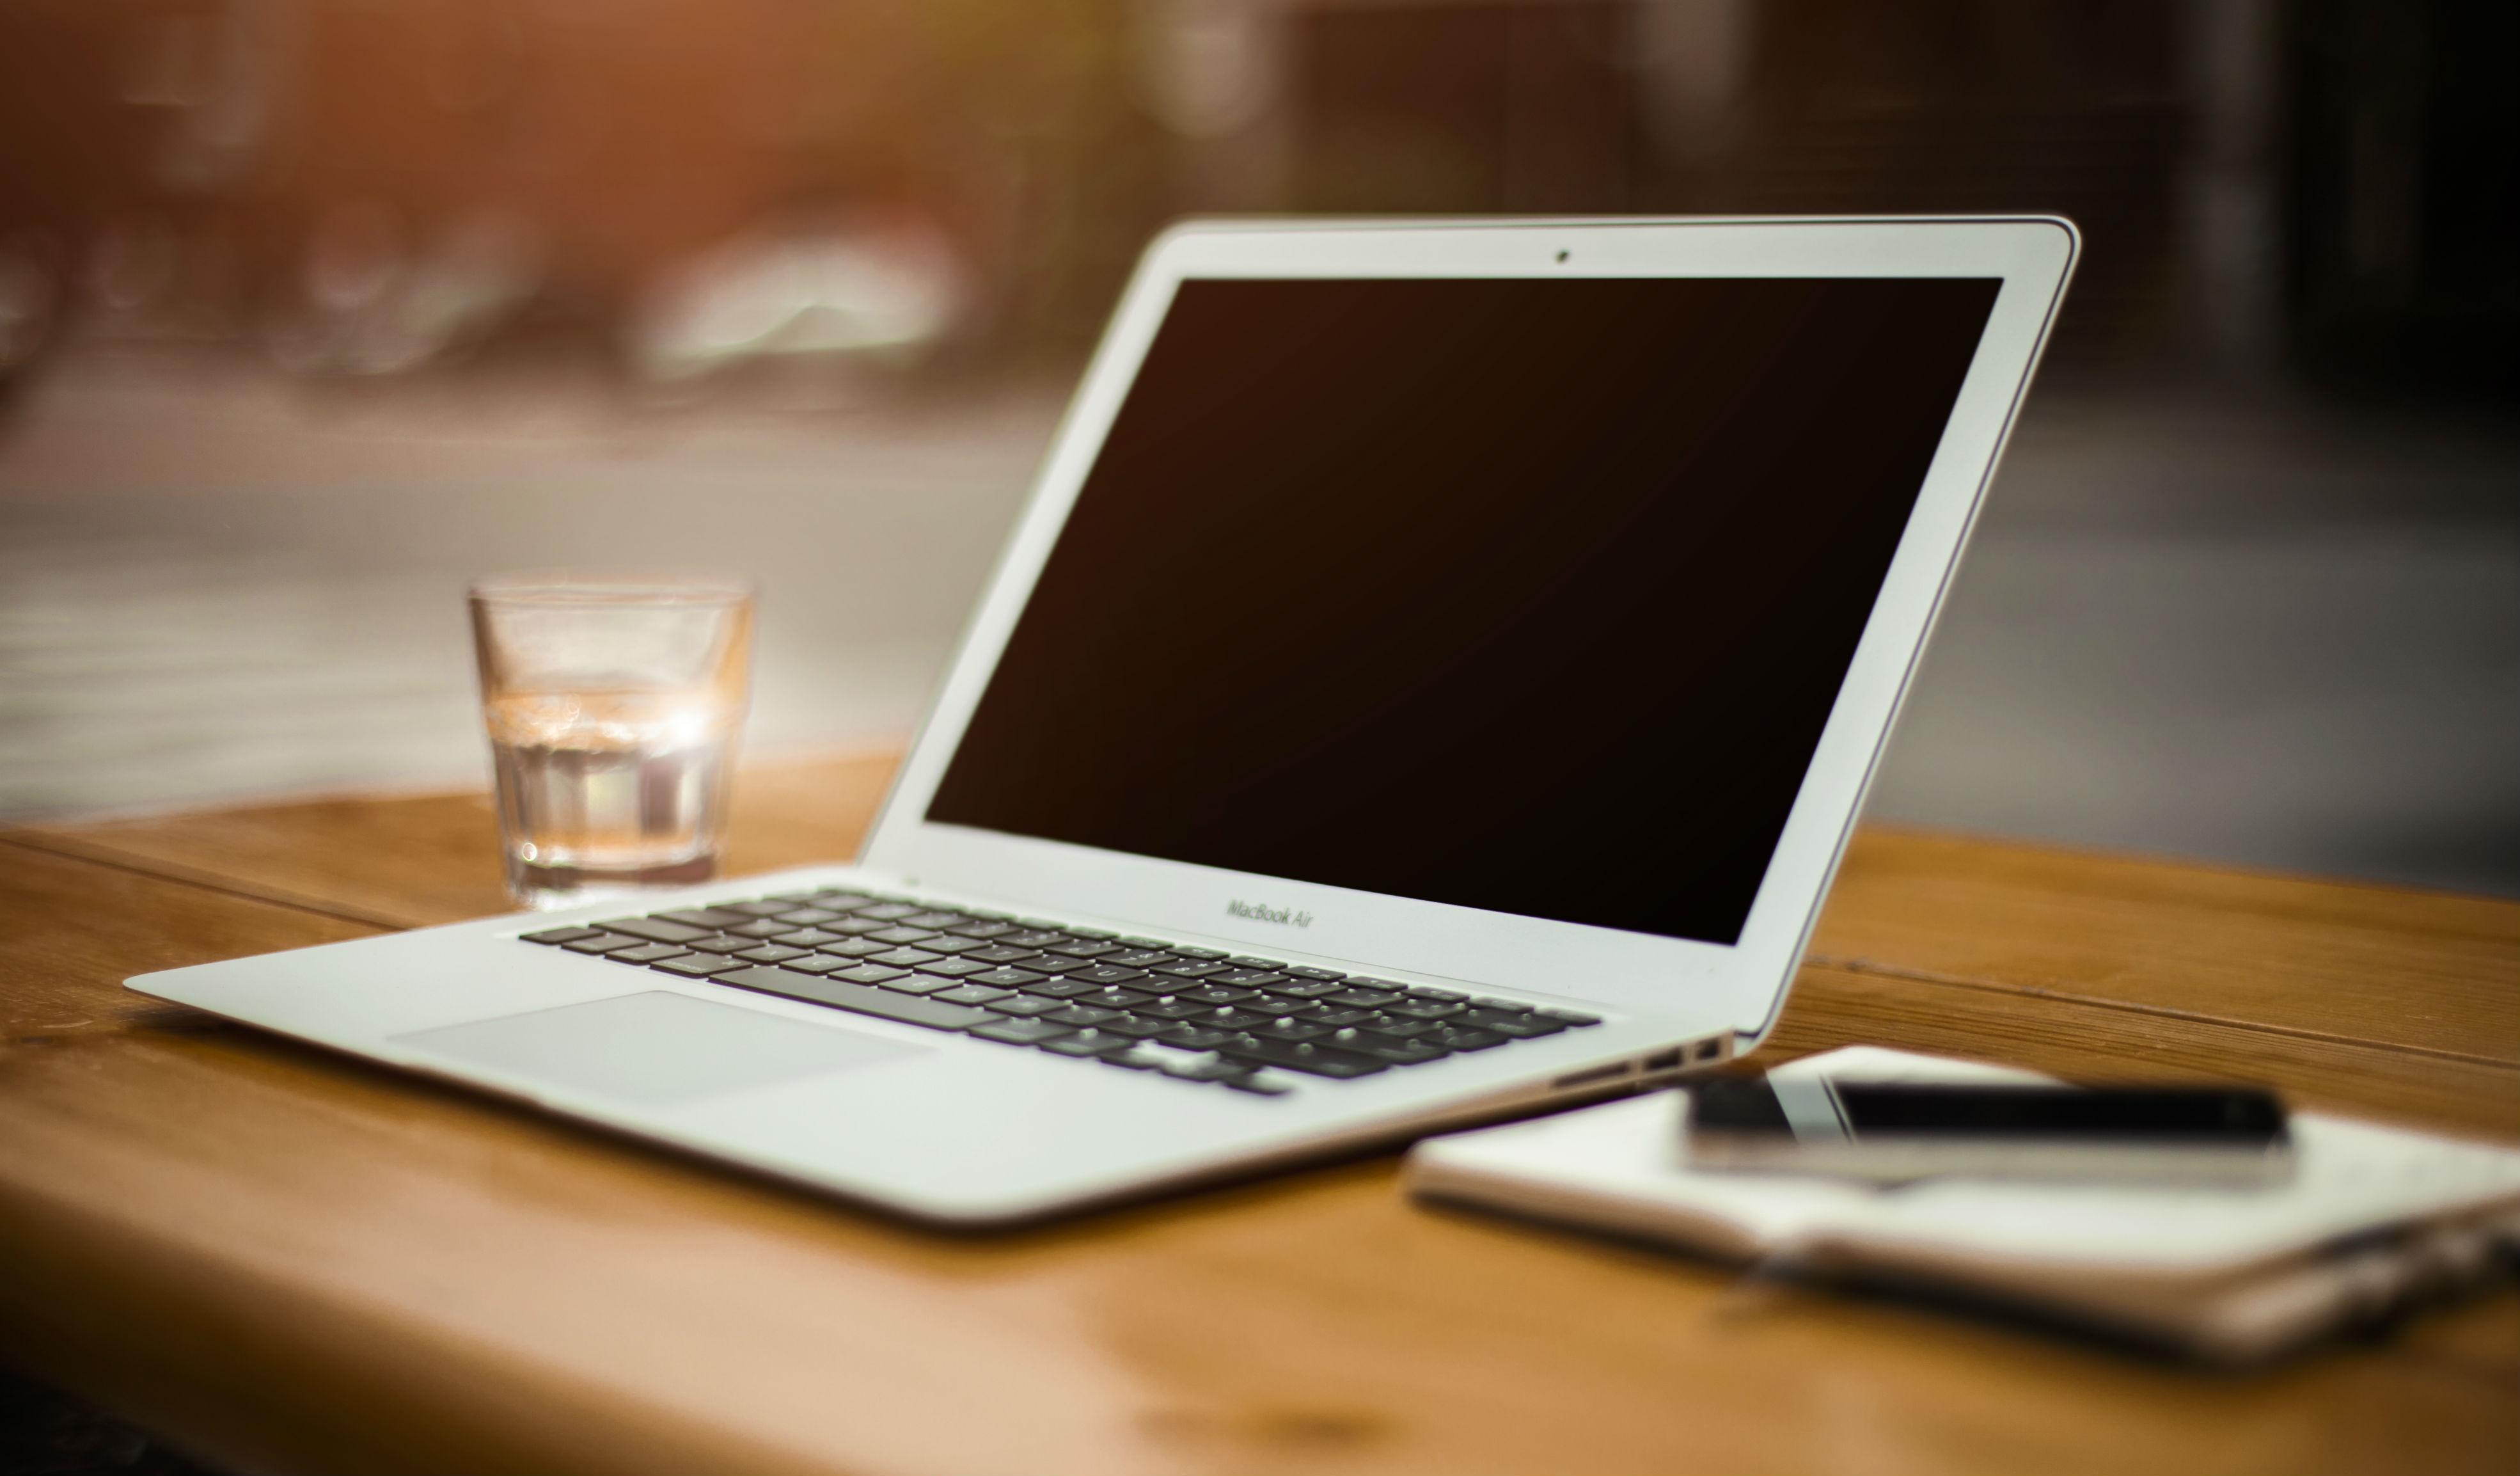 libri scrittura scrittori online efp wattpap recensioni